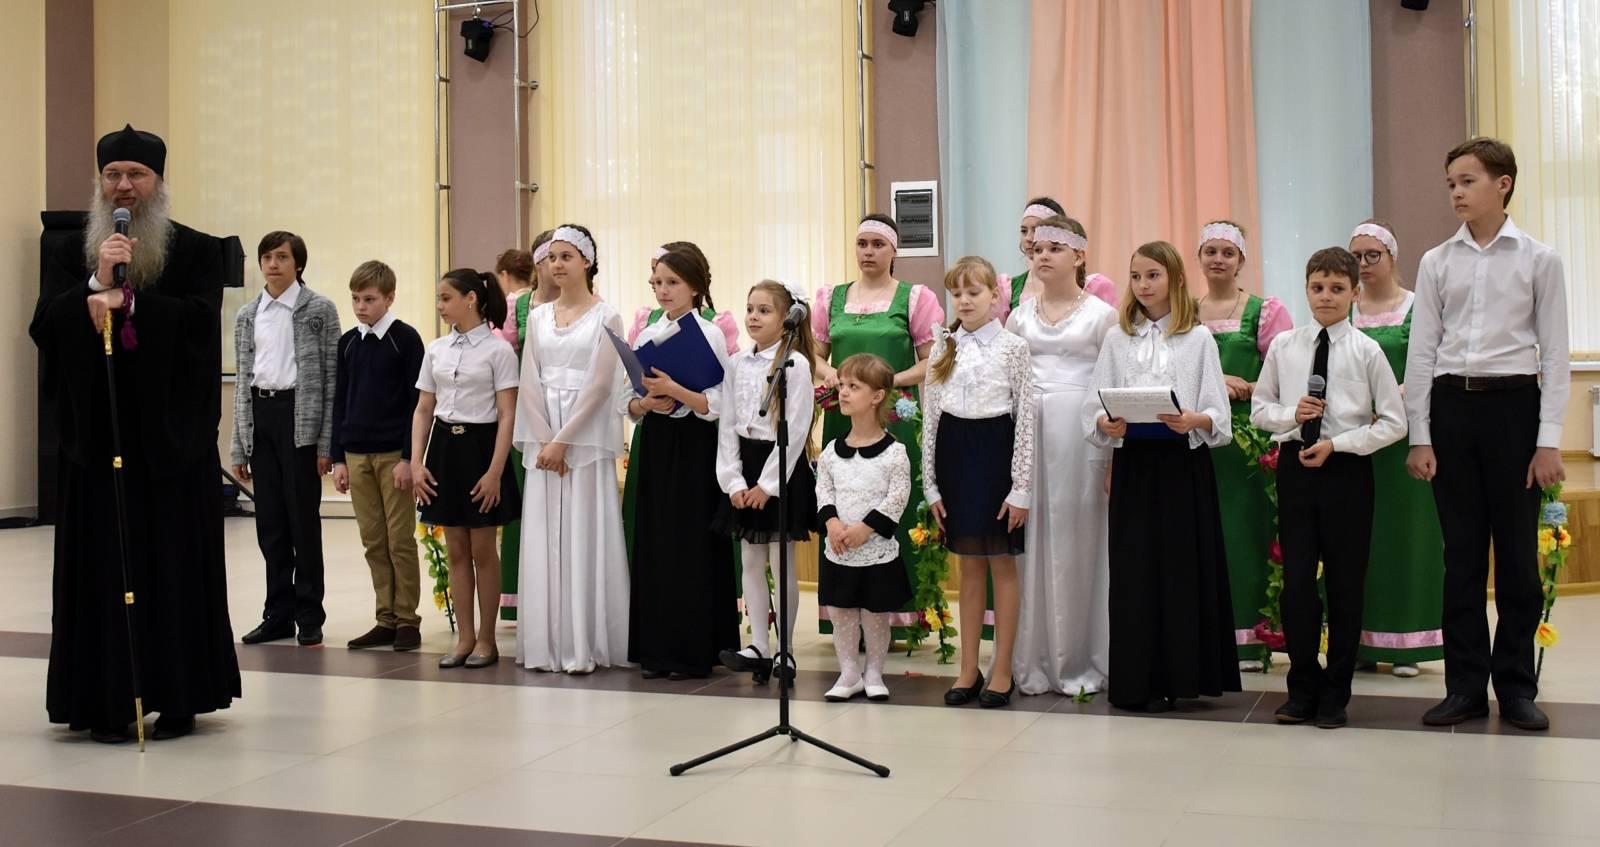 Пасхальный концерт в малом зале ТКЦ «Юбилейный» г. Урюпинска.